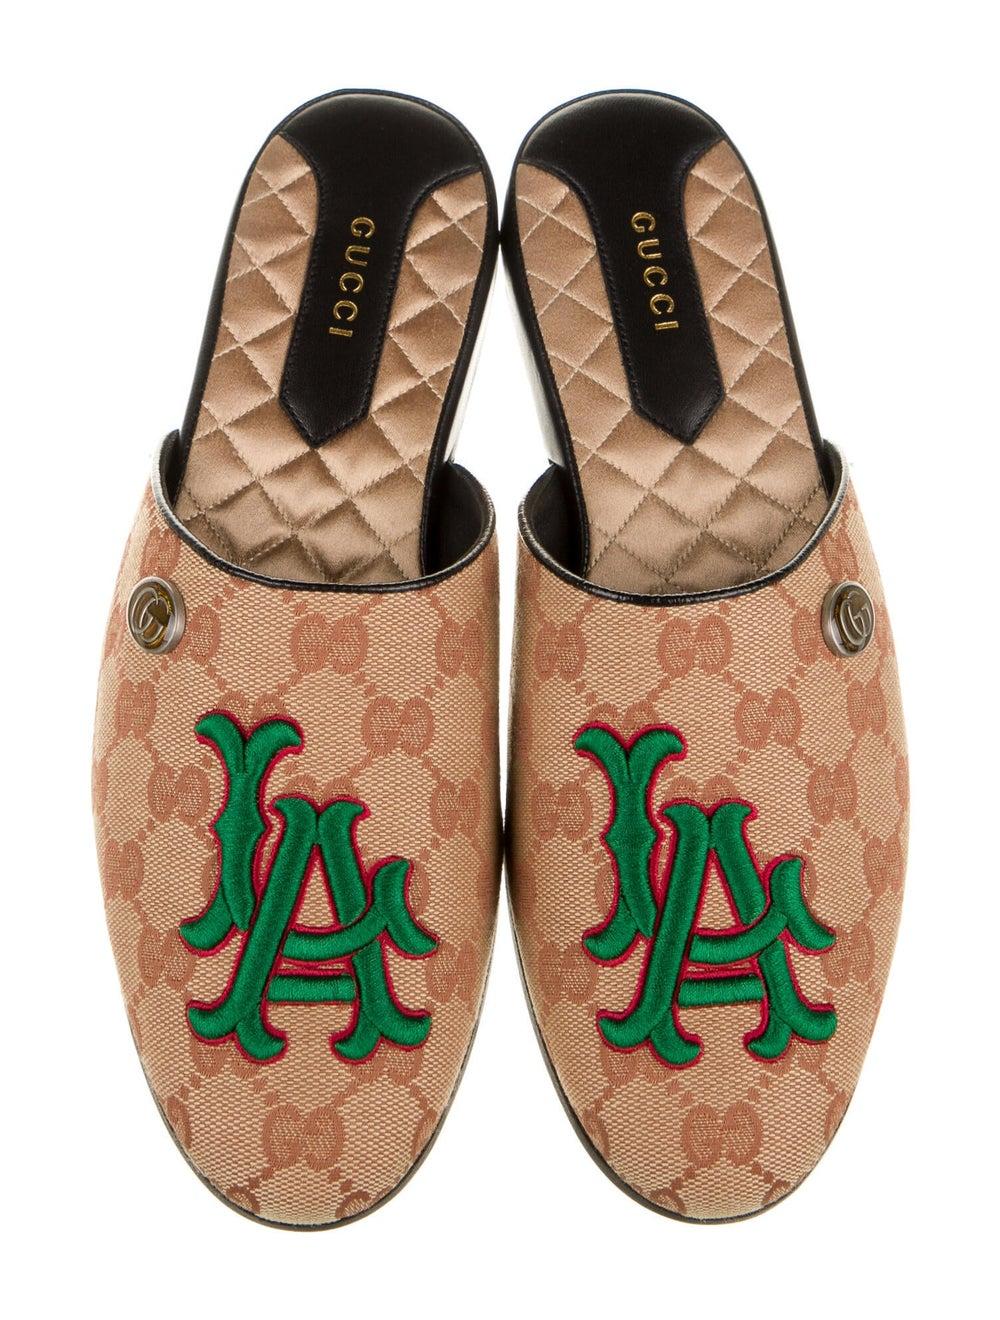 Gucci LA Dodgers GG Canvas Mules w/ Tags - image 3